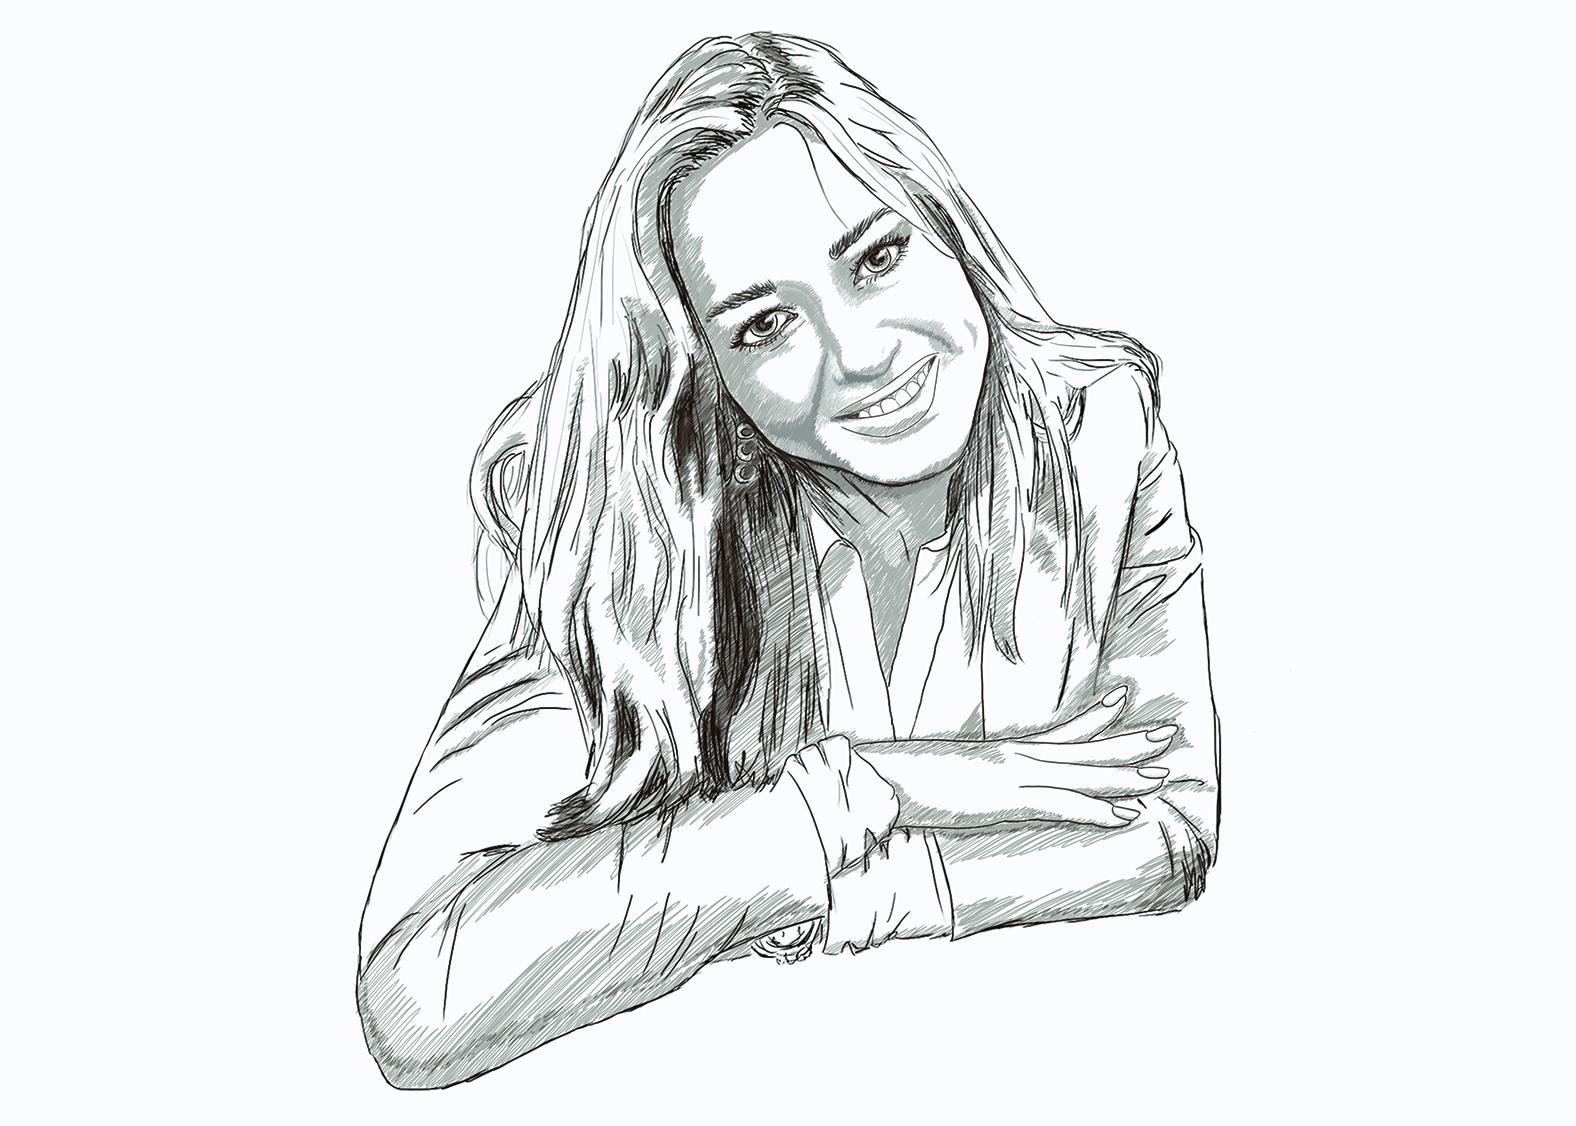 Автопортрет (запасная картинка для титула)